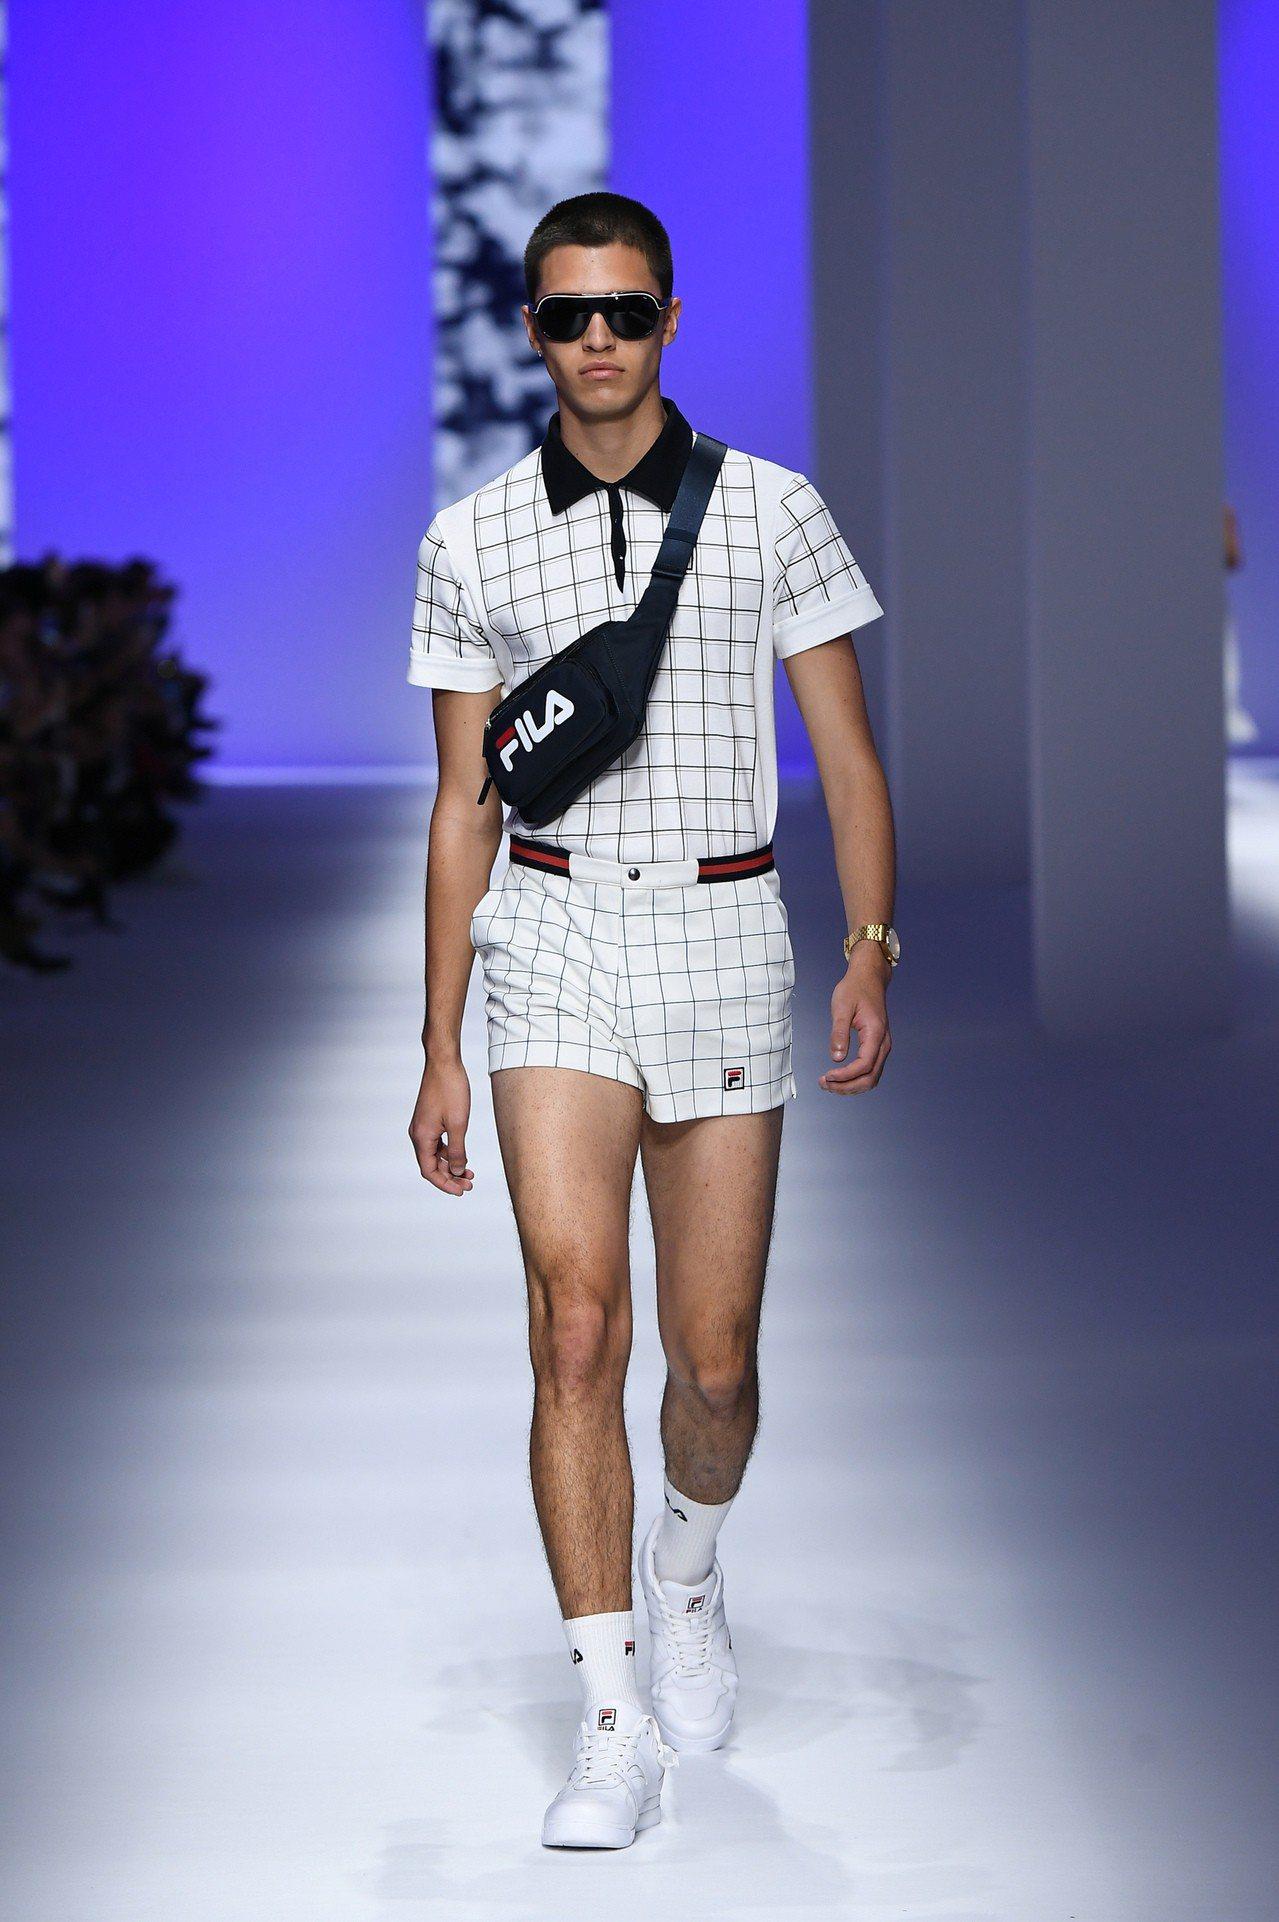 紅遍全球的老爹鞋款FILA DISRUPTOR 2,也在本次的米蘭時裝周升級版成...